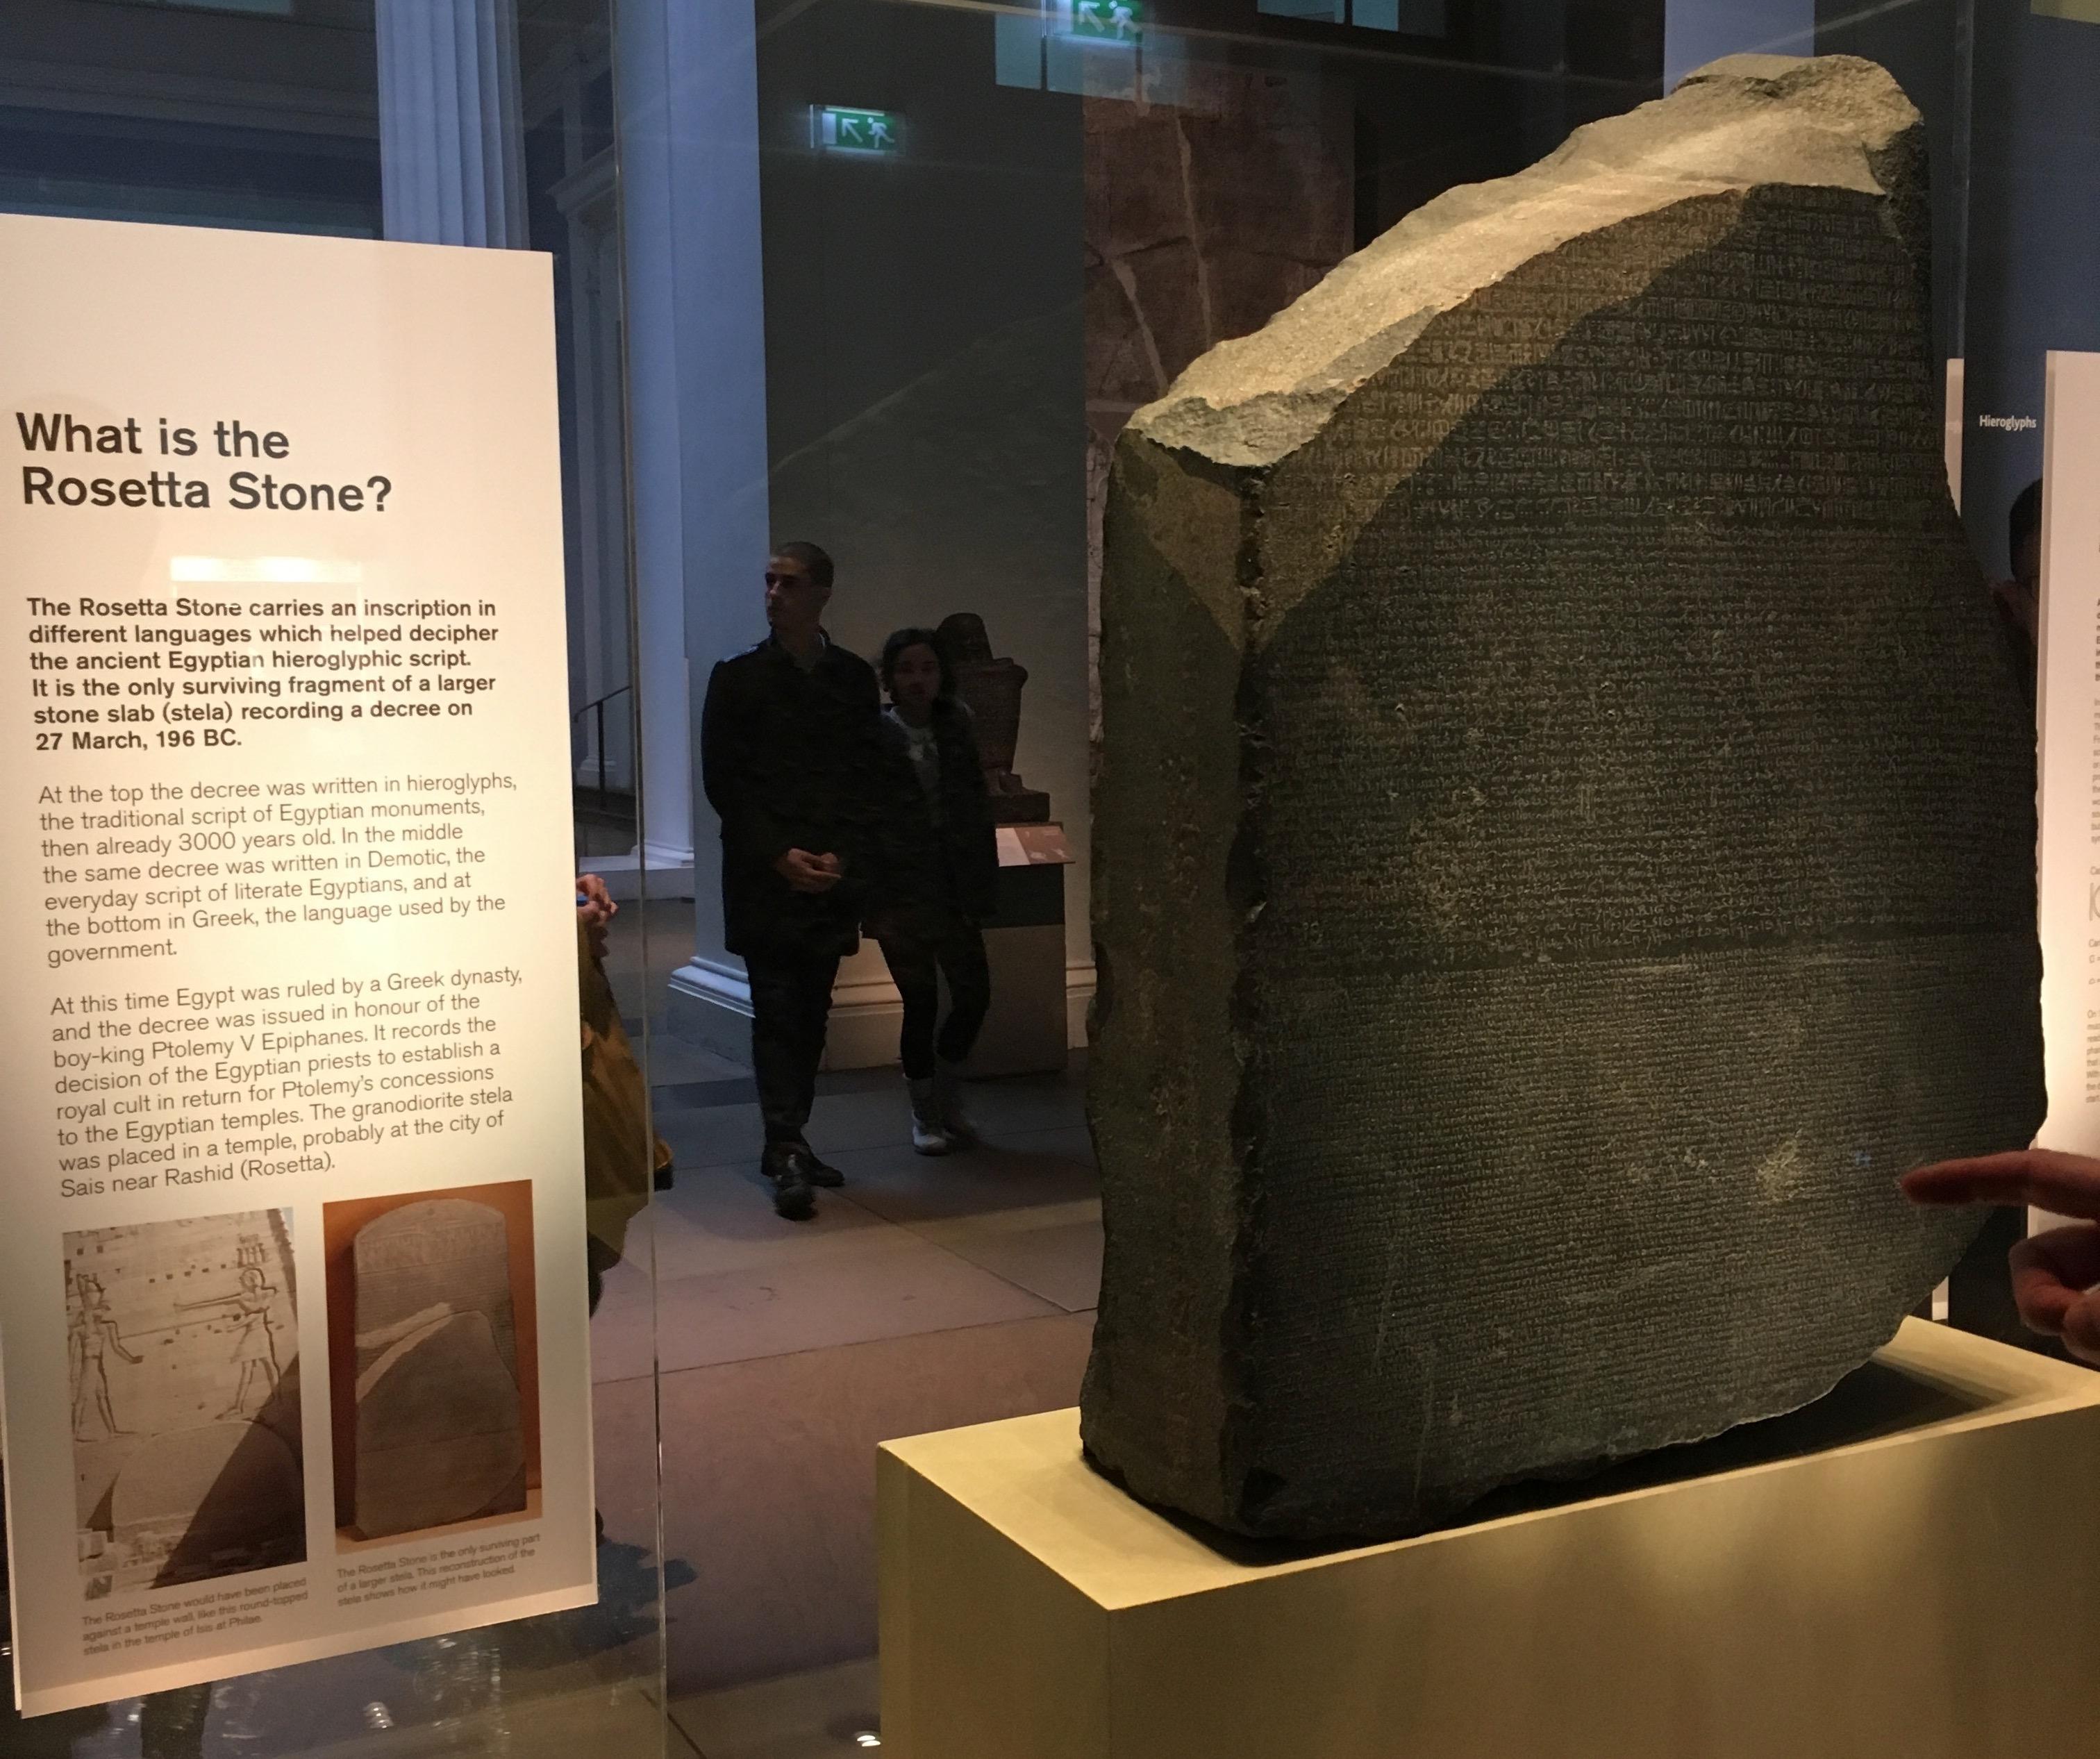 镇馆之宝罗塞塔石碑(Rosetta Stone,196 BC),上面刻有同一段诏书的三种语言版本:古埃及象形文、埃及草书和古希腊文,这是解码早已失传的古埃及文字的关键。这块大石头最开始由拿破仑的大军占领埃及时于1799挖出来,后来法军被英军打败投降,英方将它运回伦敦